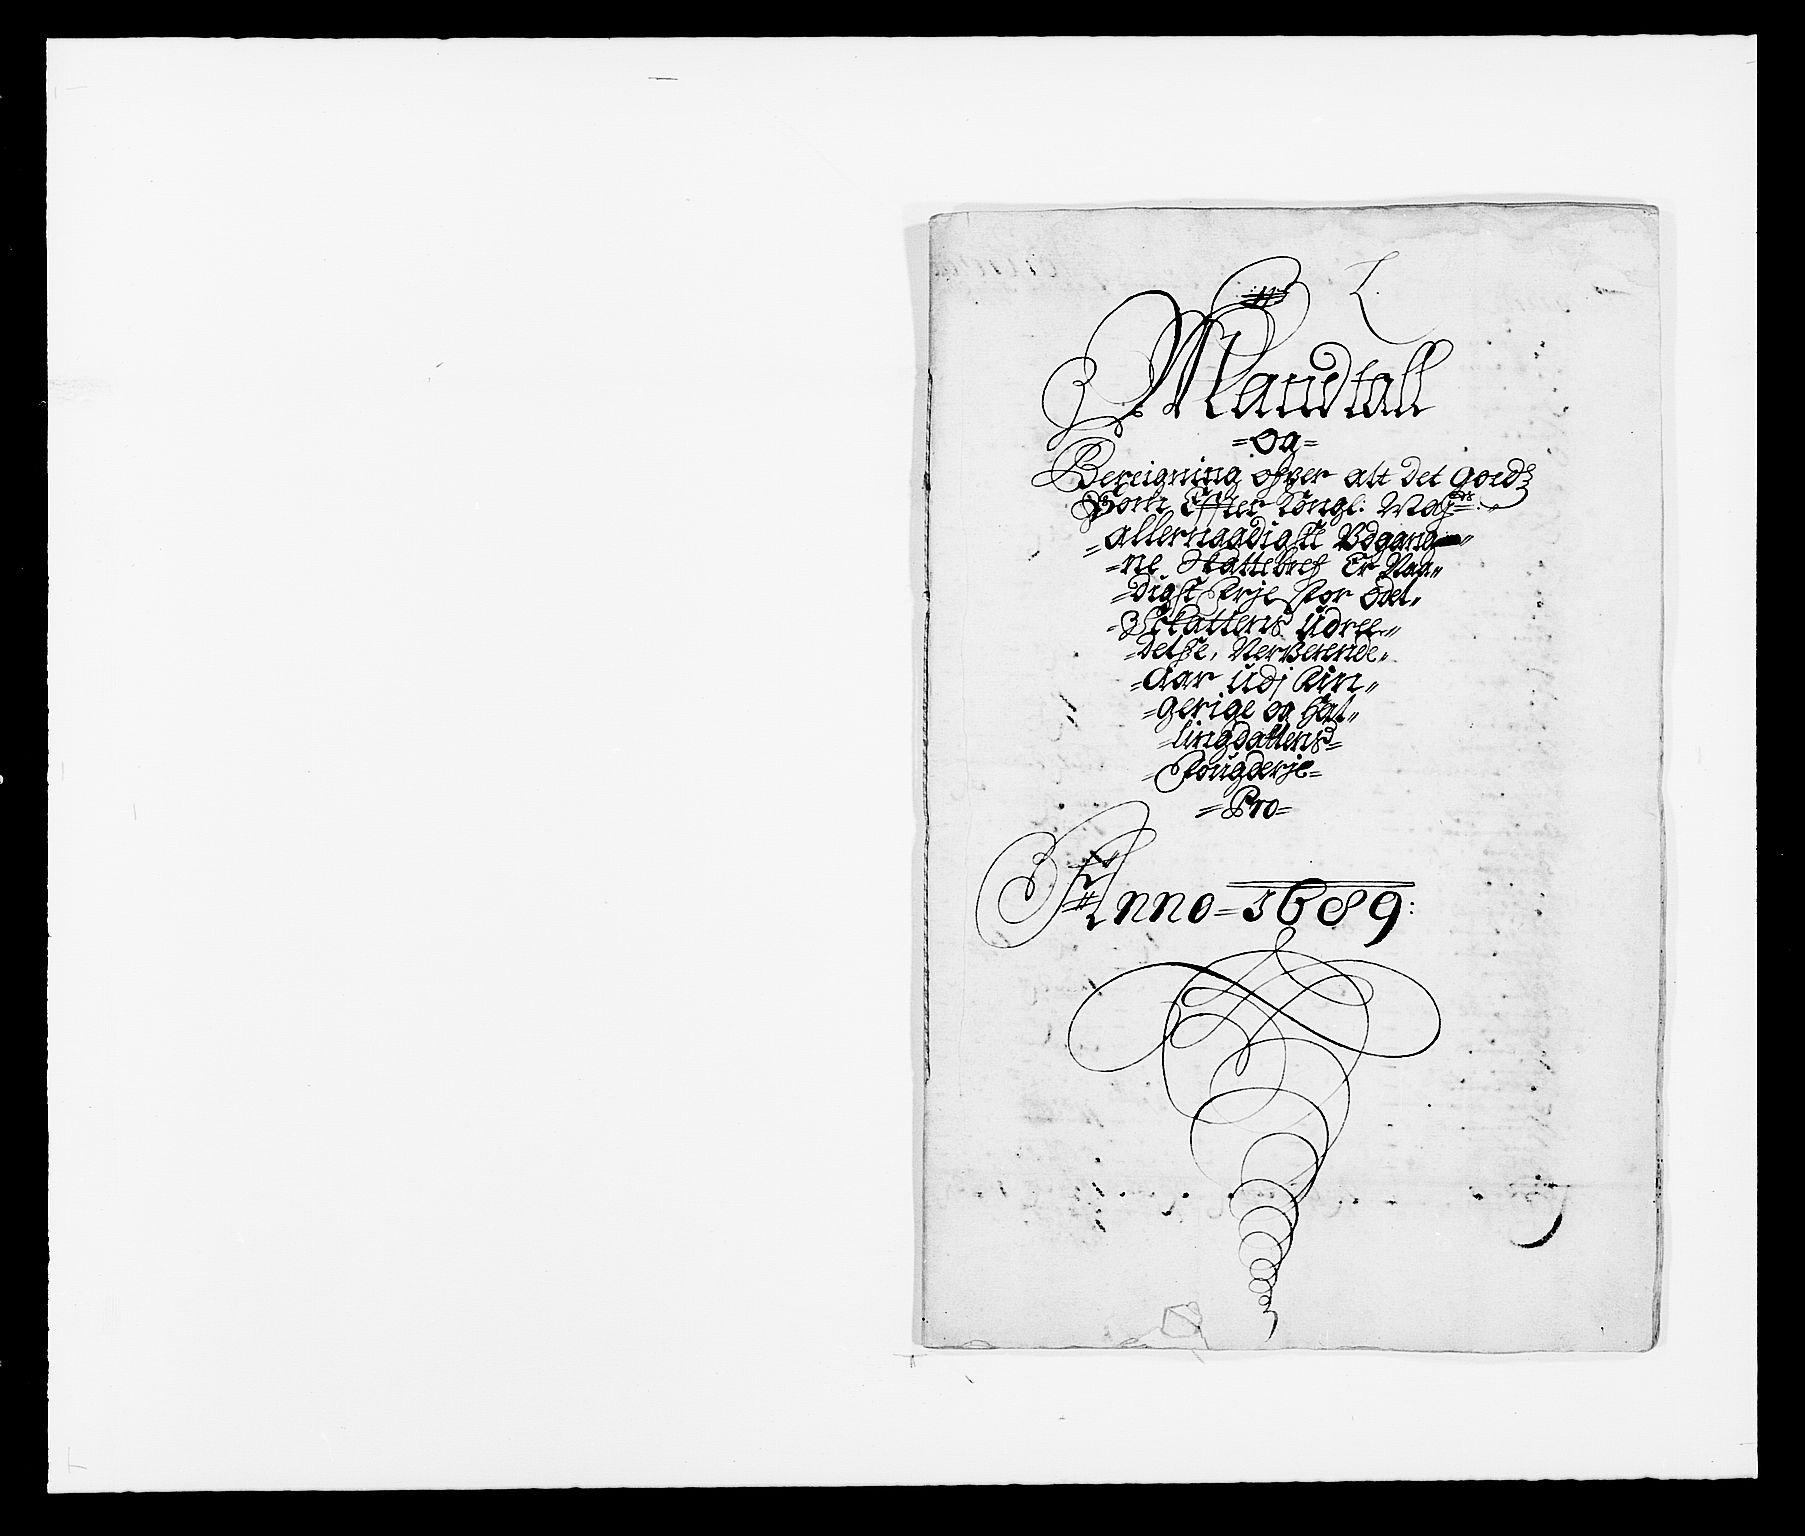 RA, Rentekammeret inntil 1814, Reviderte regnskaper, Fogderegnskap, R21/L1447: Fogderegnskap Ringerike og Hallingdal, 1687-1689, s. 366